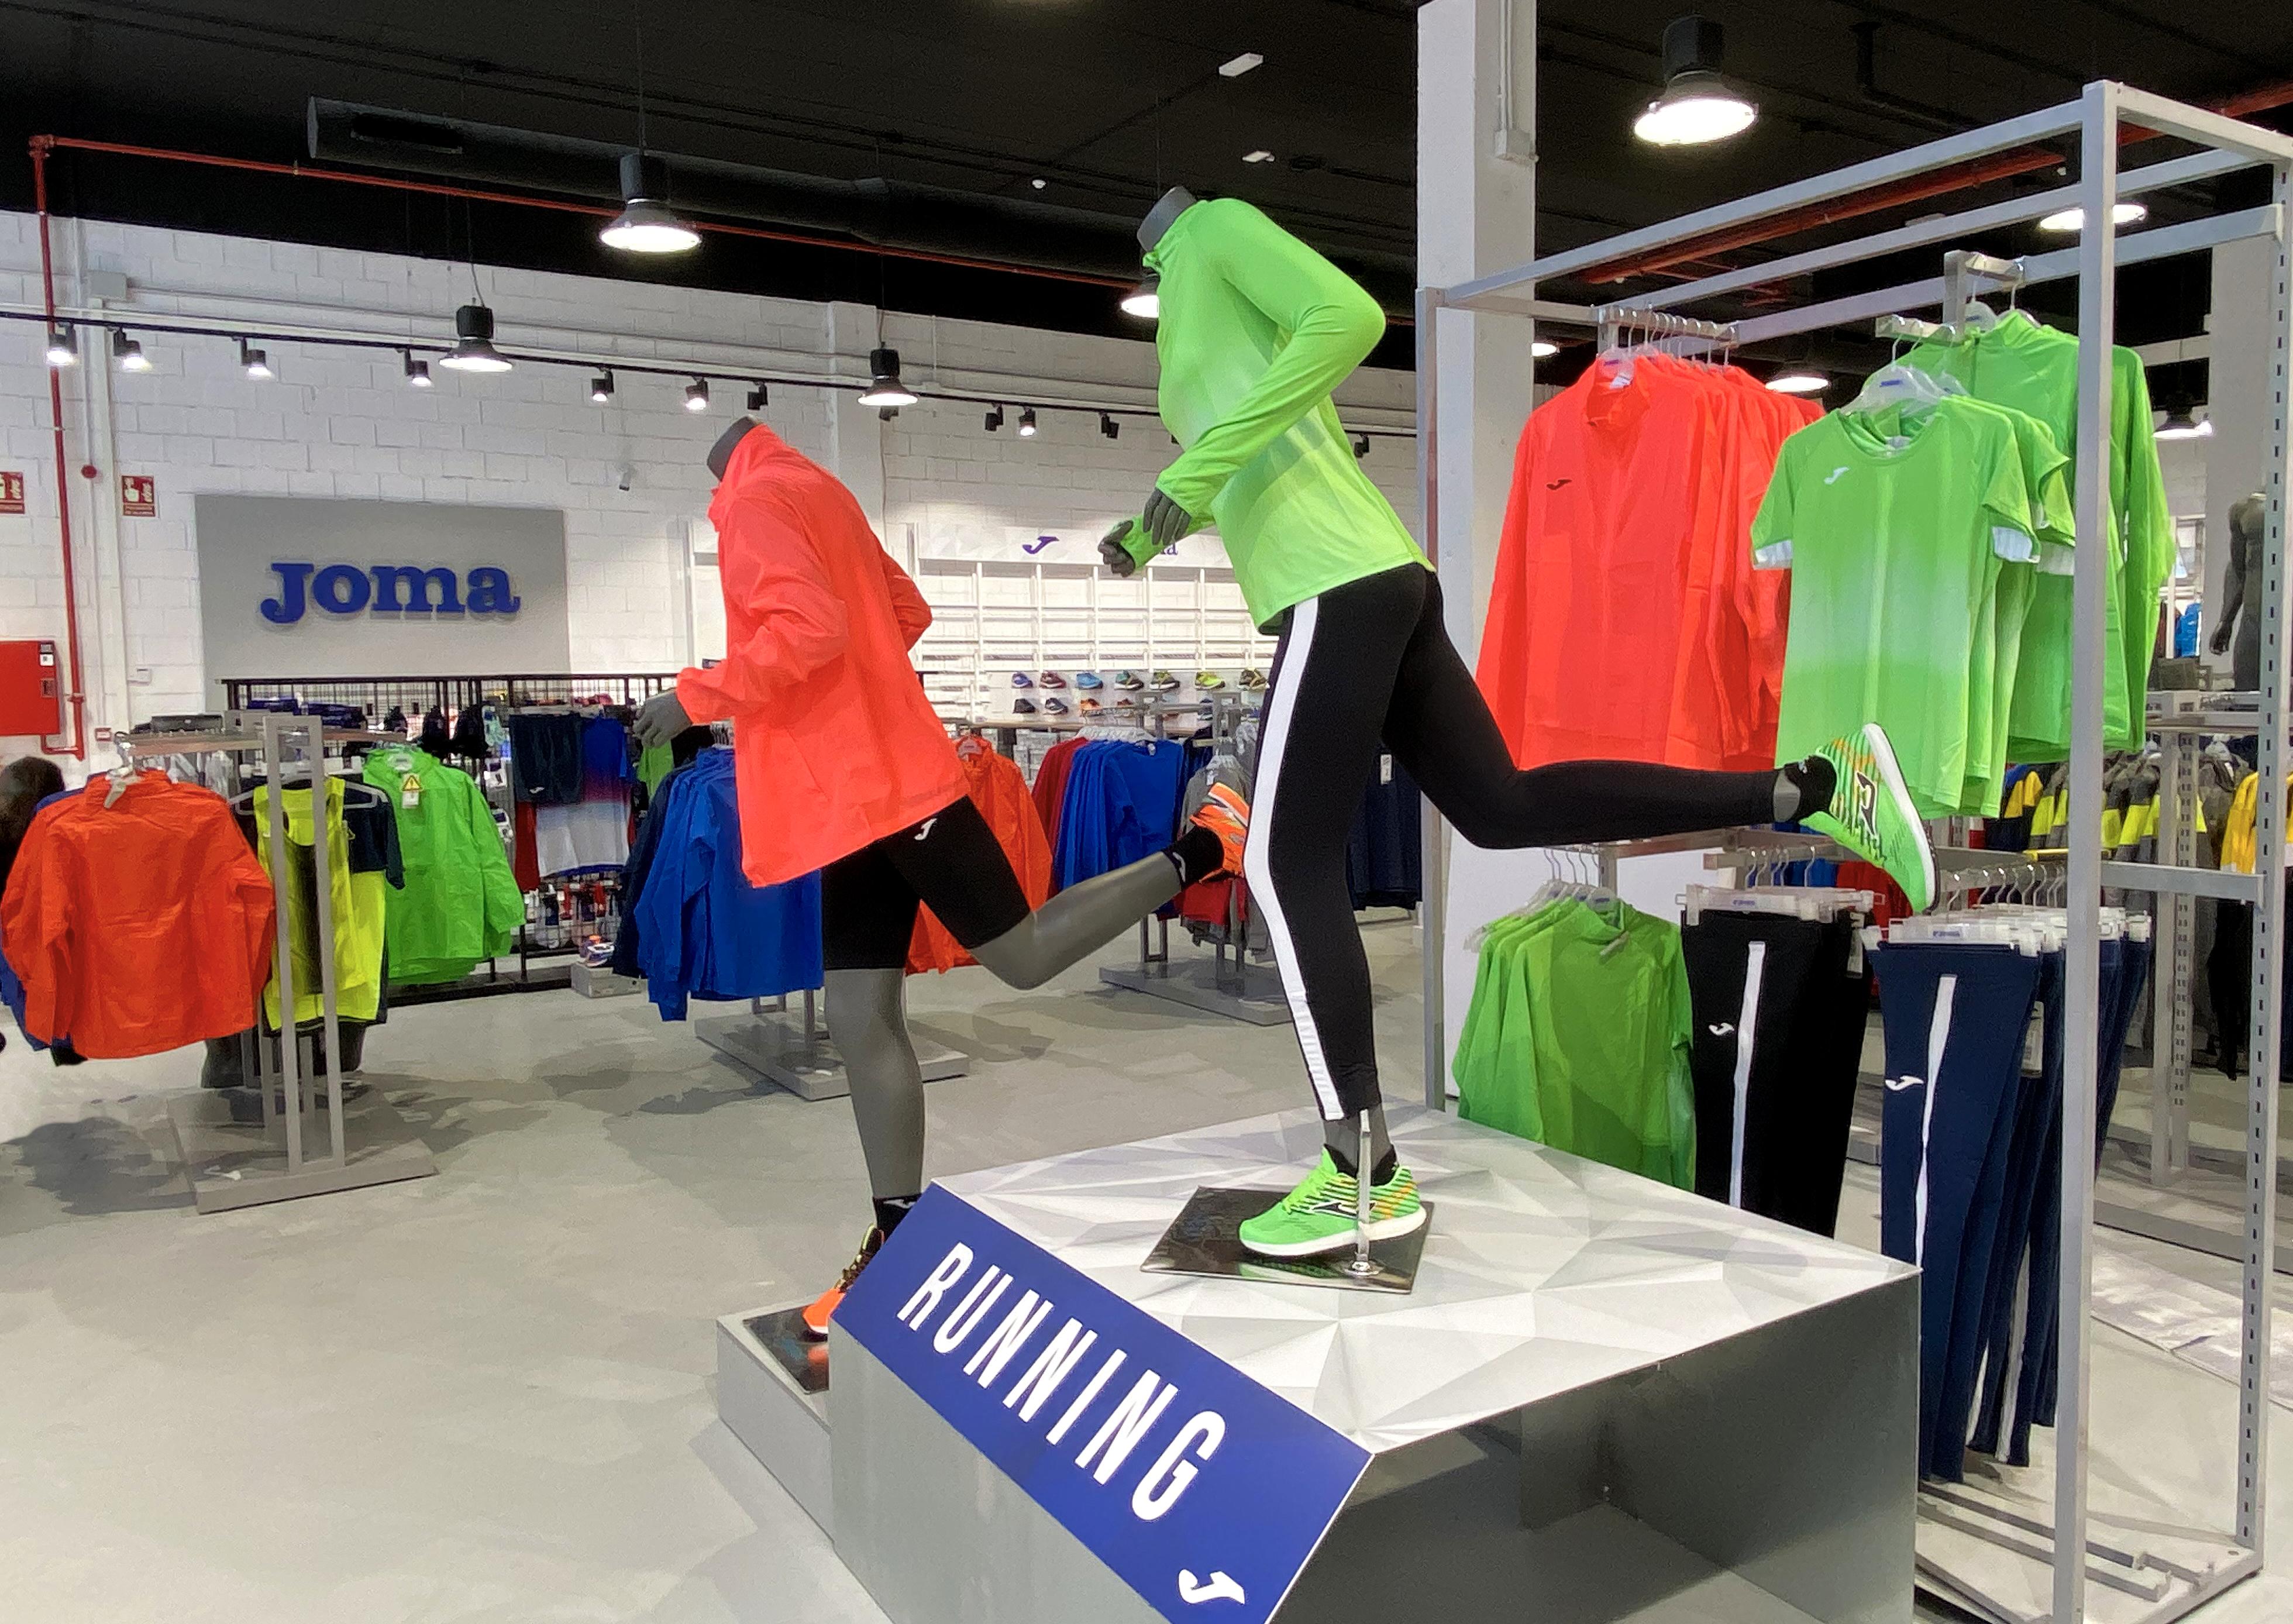 Joma inaugura una tienda propia en La Torre Outlet de Zaragoza